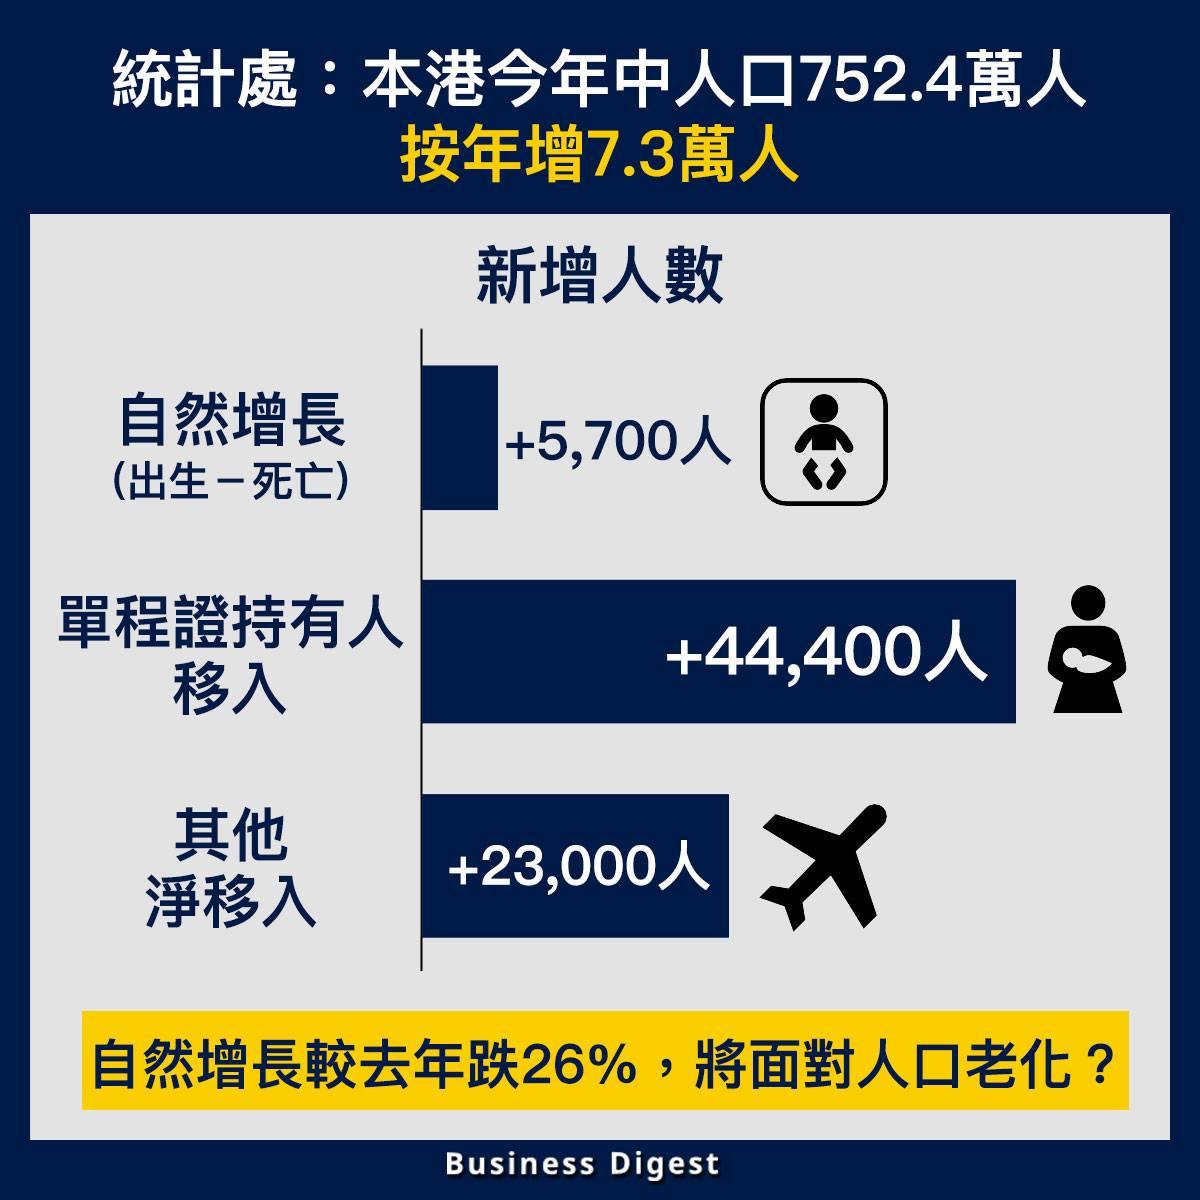 【從數據認識經濟】統計處最新數據:本港今年中人口752.4萬人,按年增7.3萬人